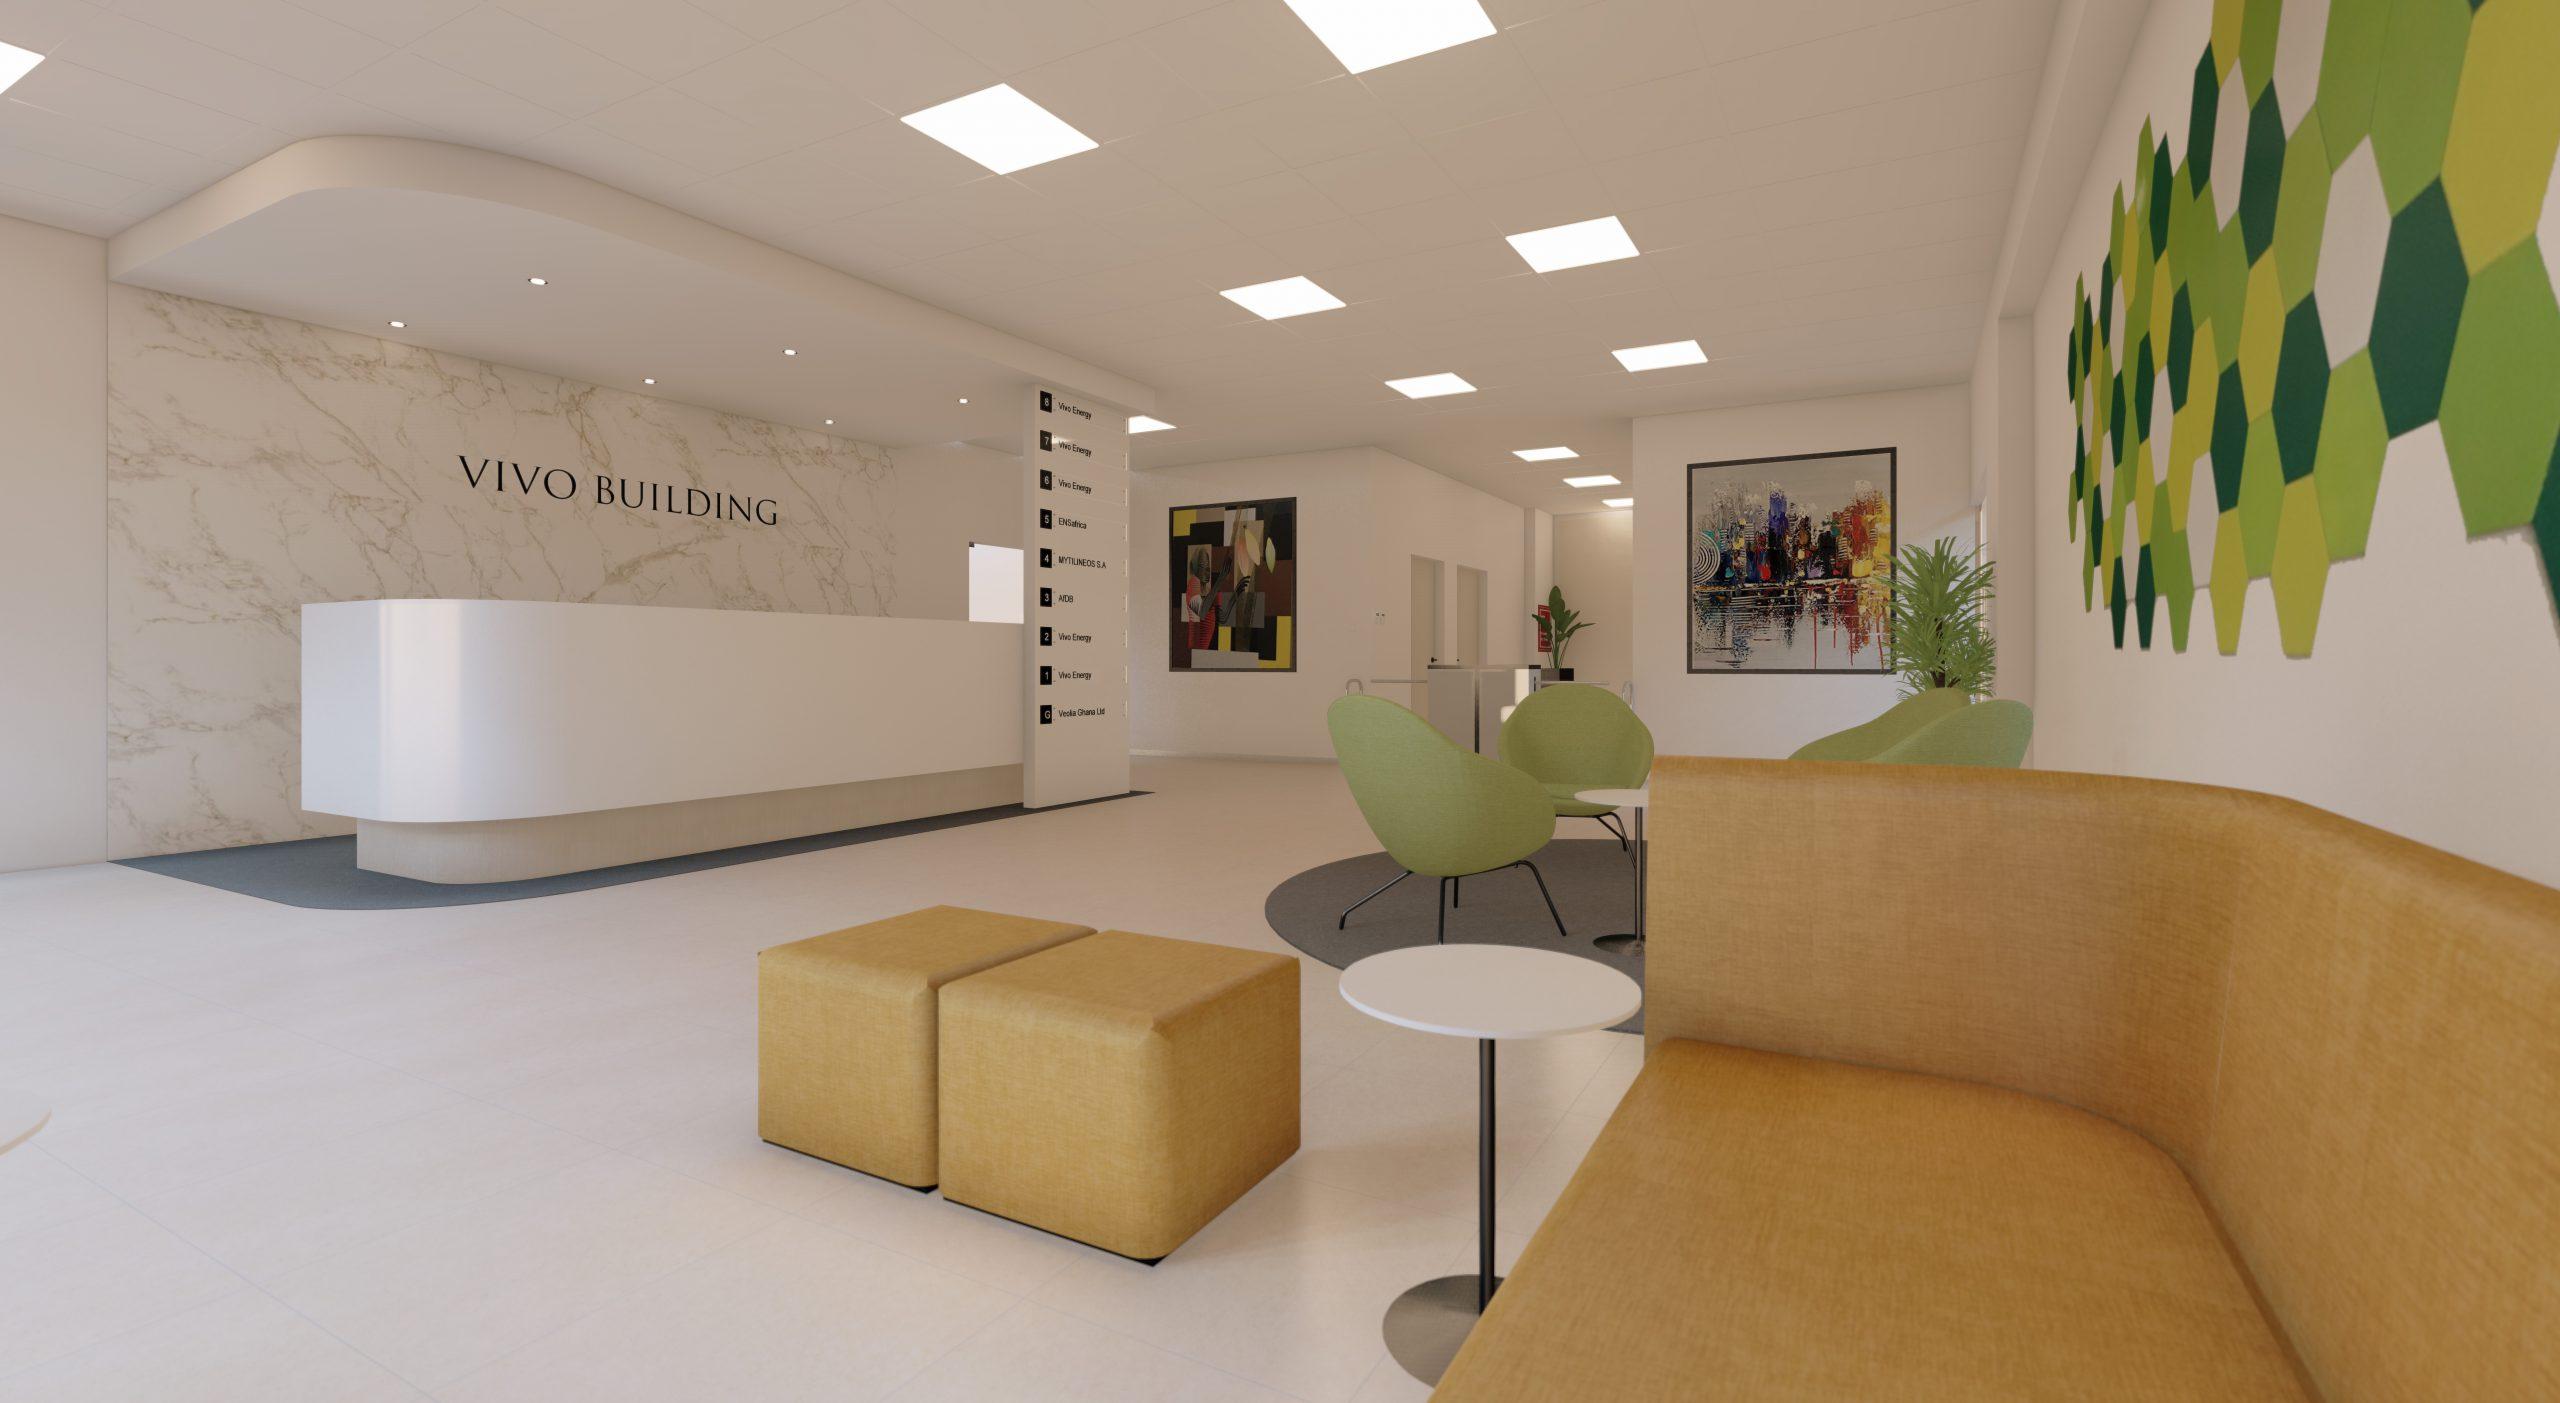 Vivo Building Reception - Nolle designs